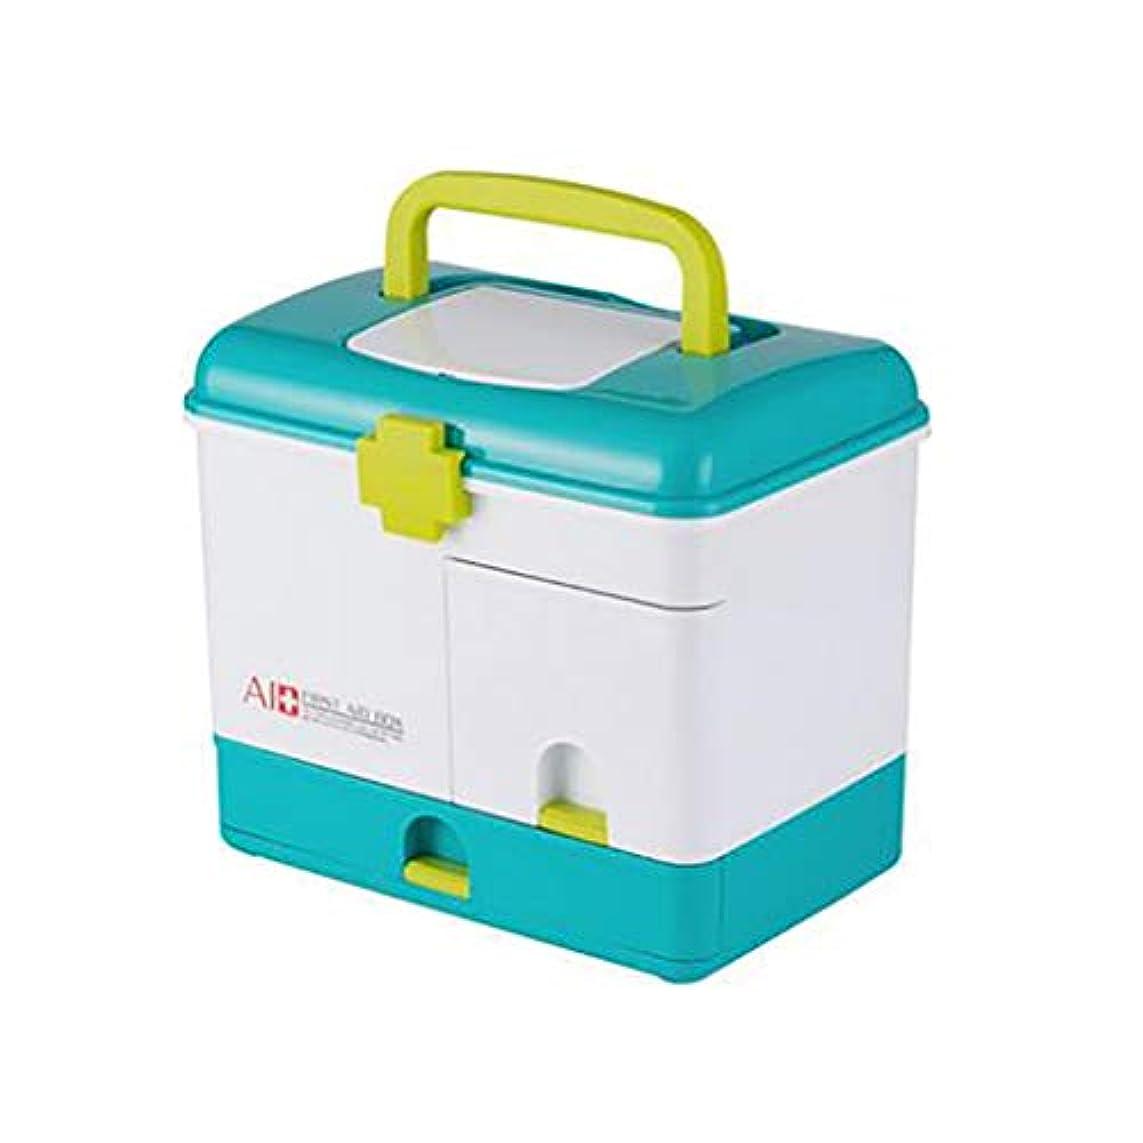 広範囲に学士ローマ人コンパートメントが付いているロックできる薬箱のオルガナイザーの小さい薬のロック箱、薬箱の収納箱